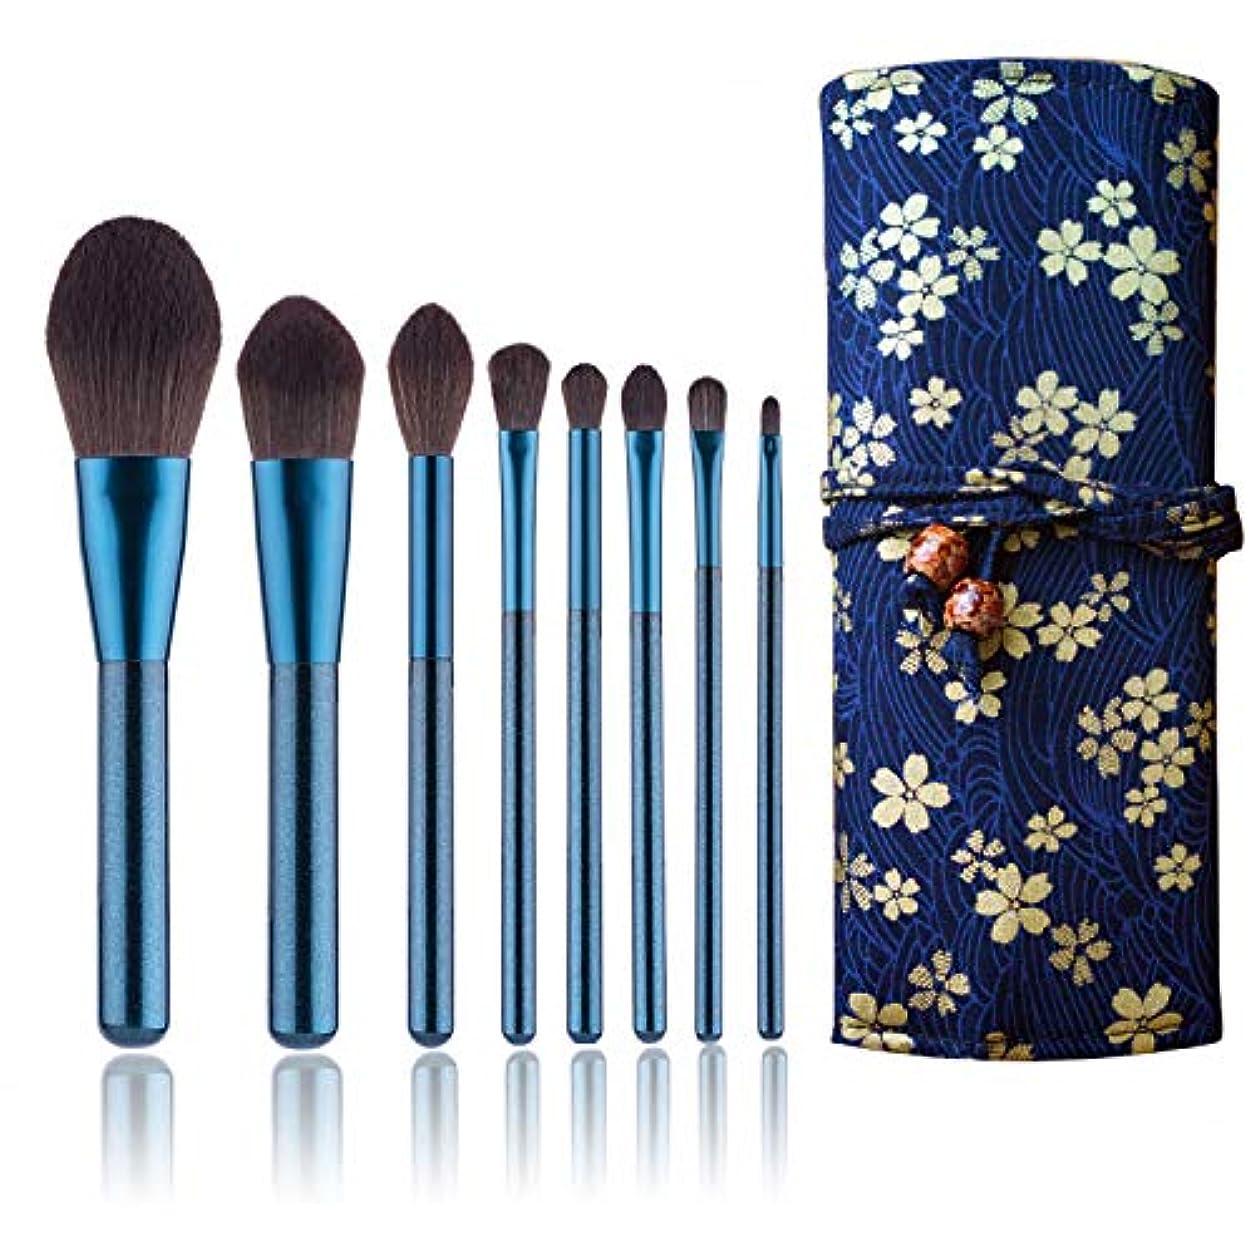 実現可能性そして可愛いZOE·Y メイクブラシ 8本セット 化粧ブラシ 柔らかい 化粧筆 可愛い 化粧ポーチ付き 携帯便利 誕生日プレゼントゃギフトにもおすすめ makeup brushes